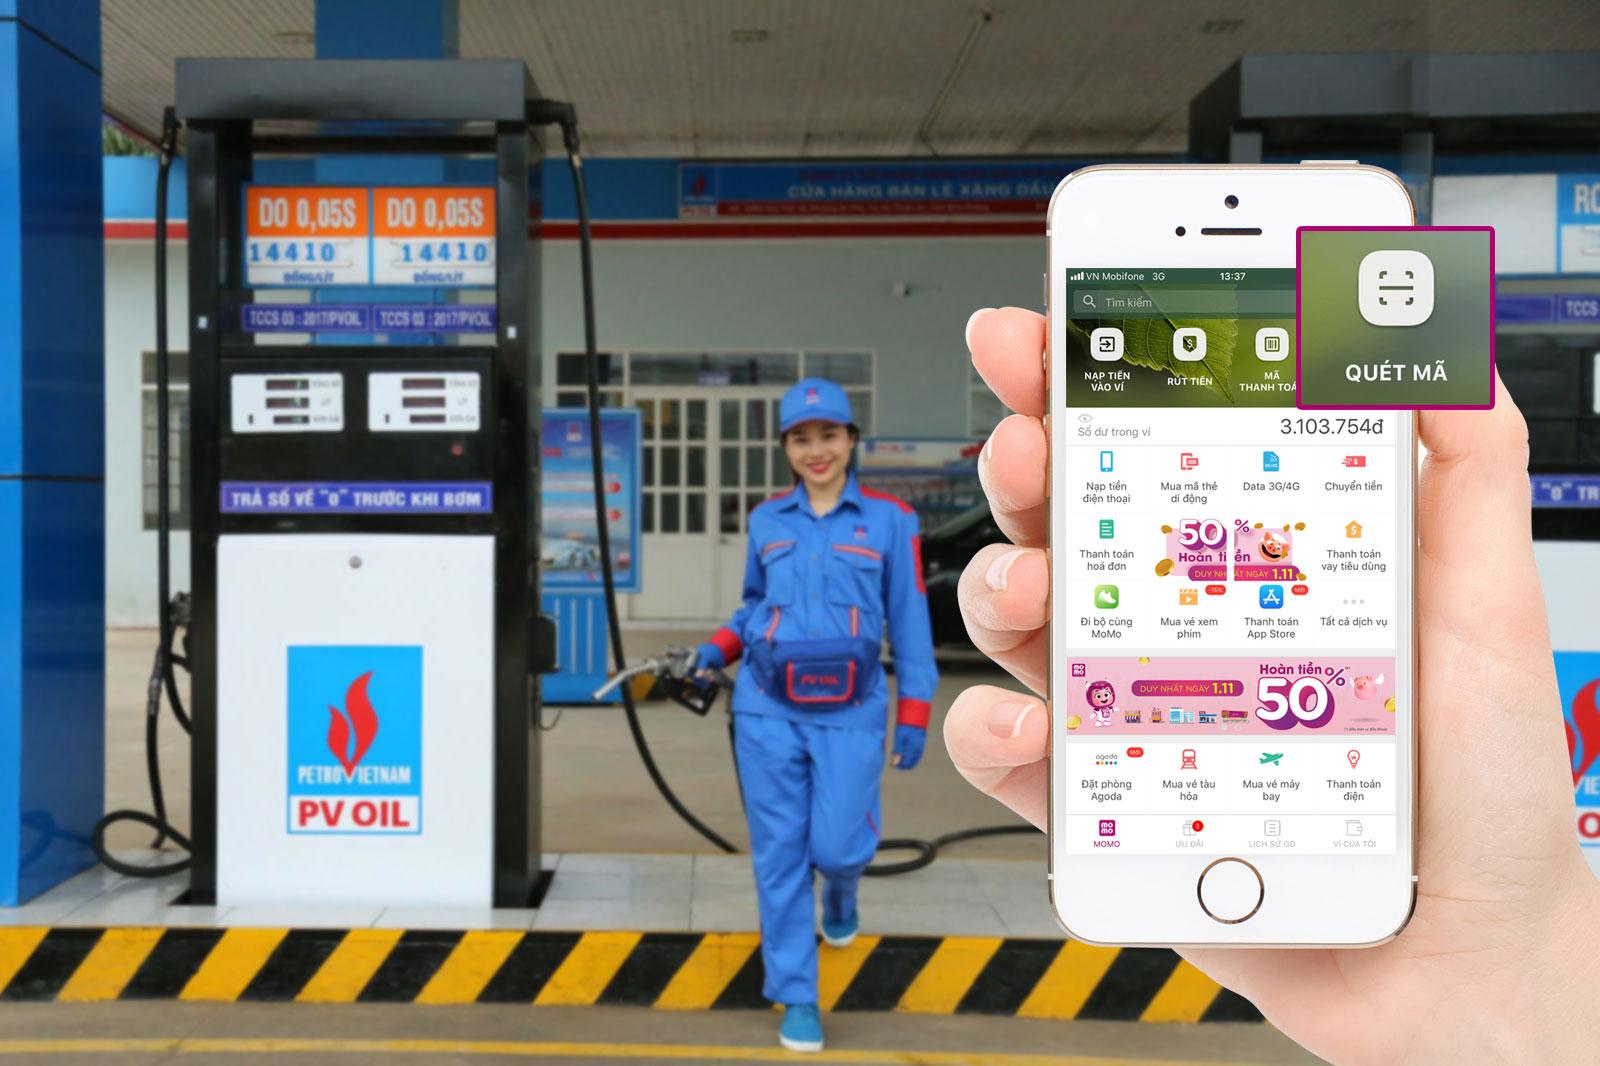 Ví MoMo và PVOIL: Dùng xăng thỏa thích, thanh toán mê tít